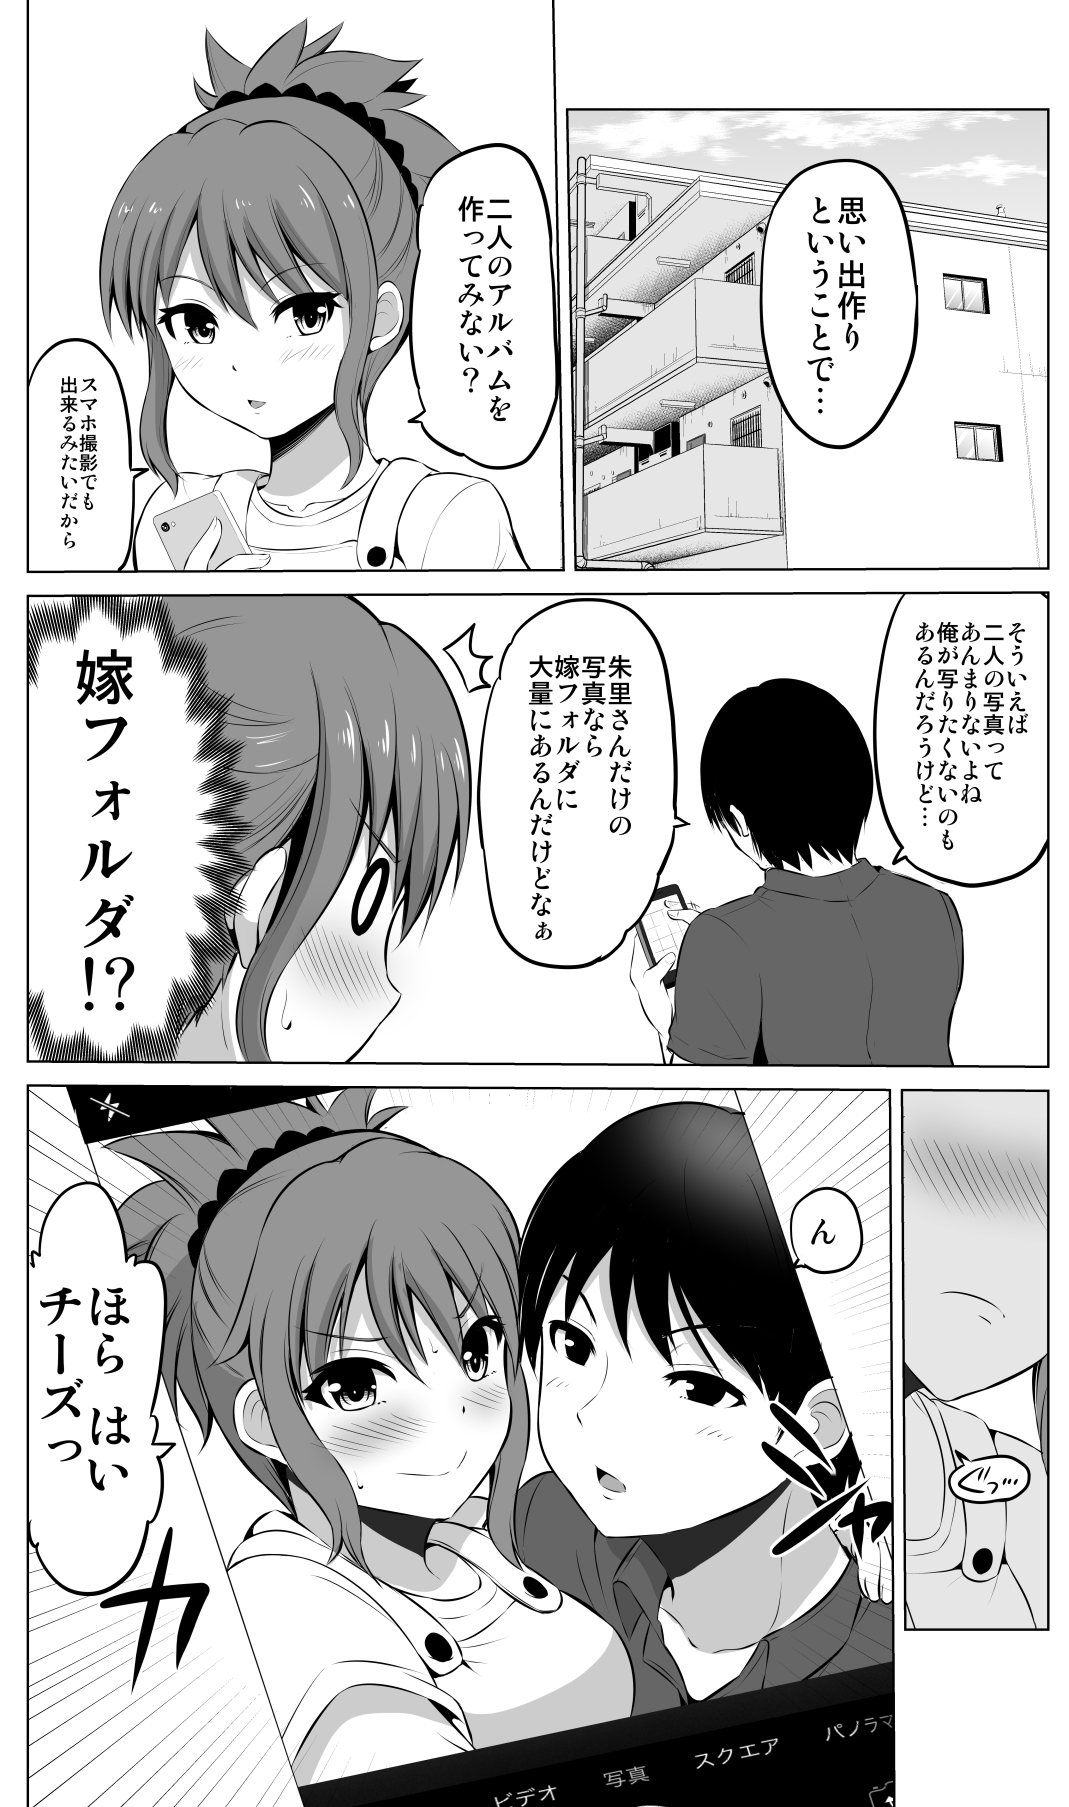 【第19話】防御力ゼロの嫁 アルバム作成編